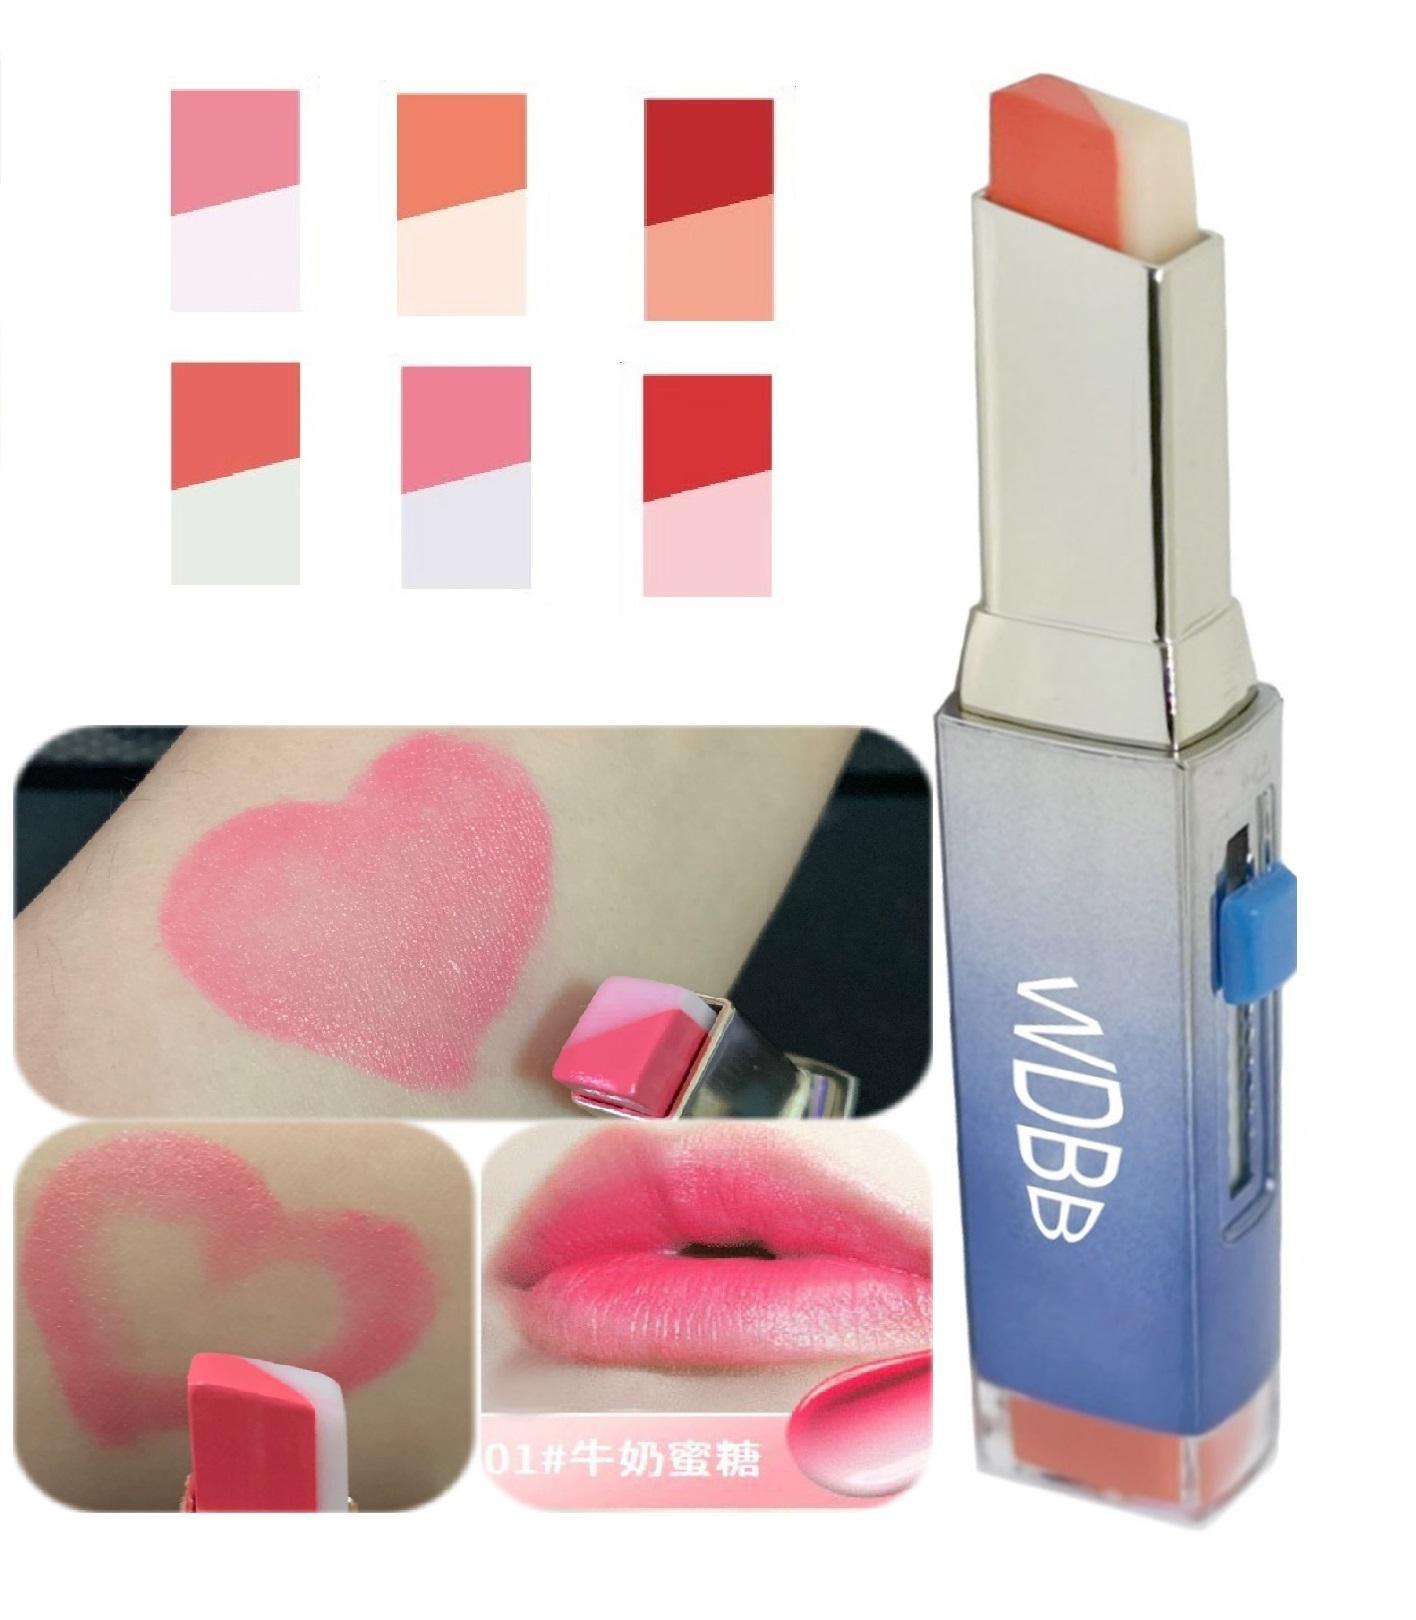 買一送一 WDBB咬唇妝 超顯色超感性 漸層唇膏雙色口紅2g